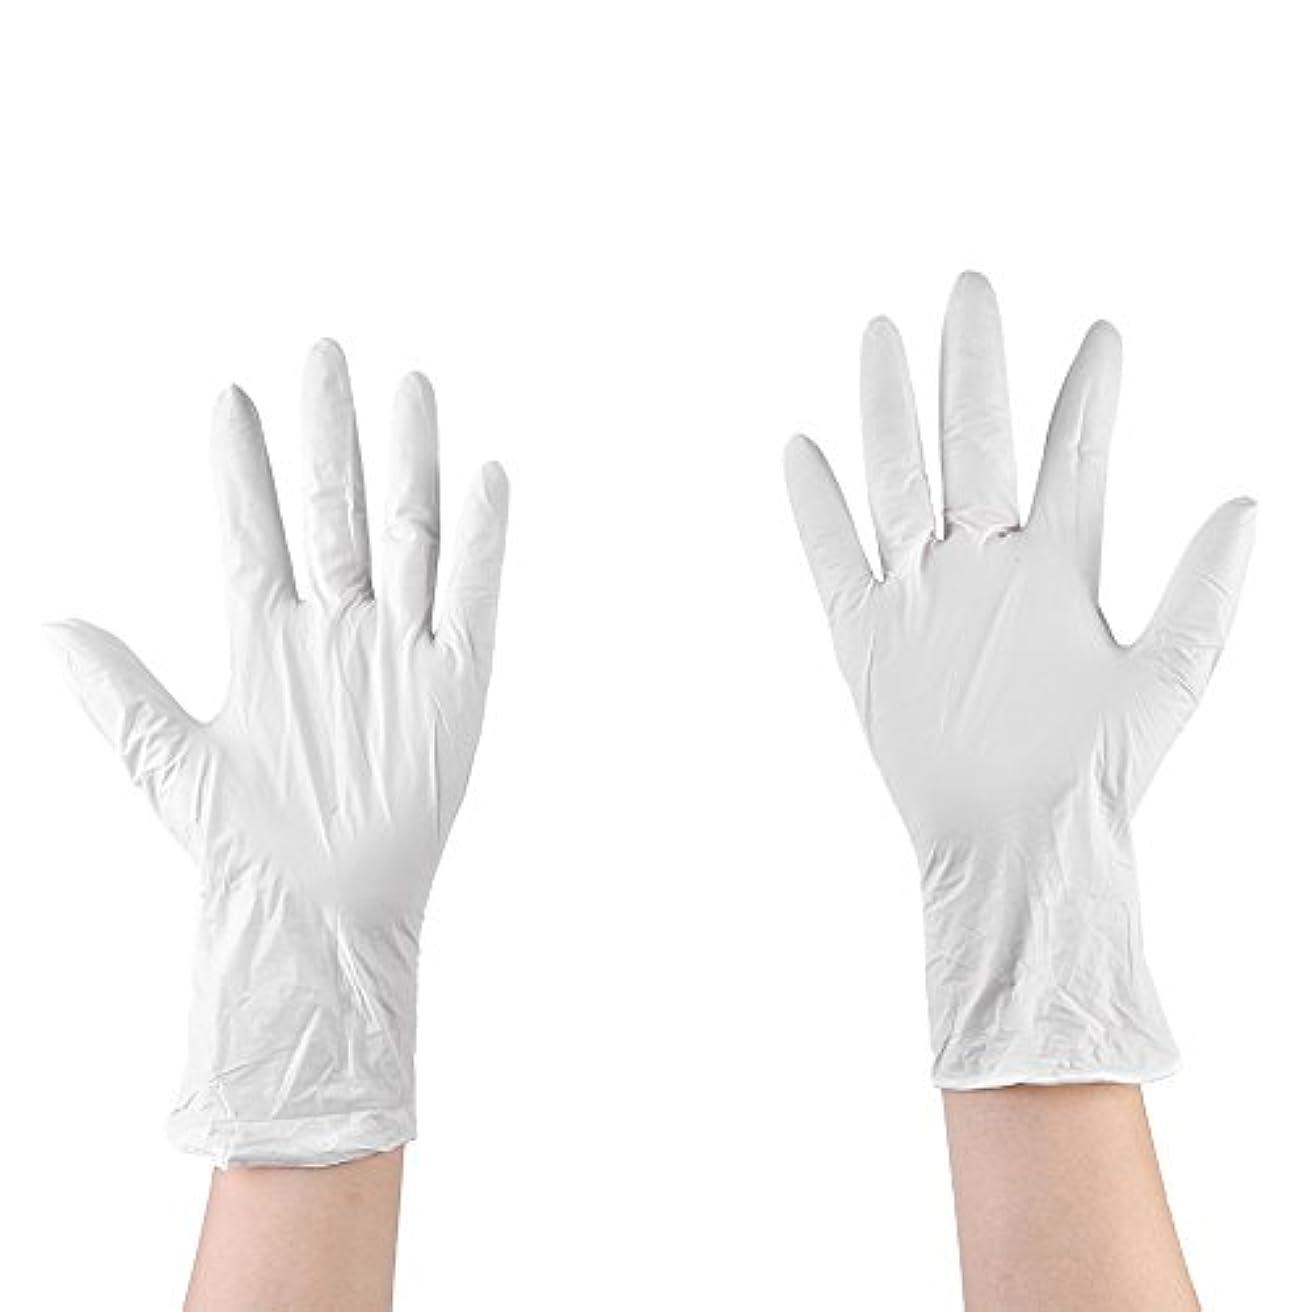 辛な一般化する不安定使い捨て手袋 ニトリルグローブ ホワイト 粉なし タトゥー/歯科/病院/研究室に適応 M/L選択可 50枚 左右兼用 作業手袋(M)